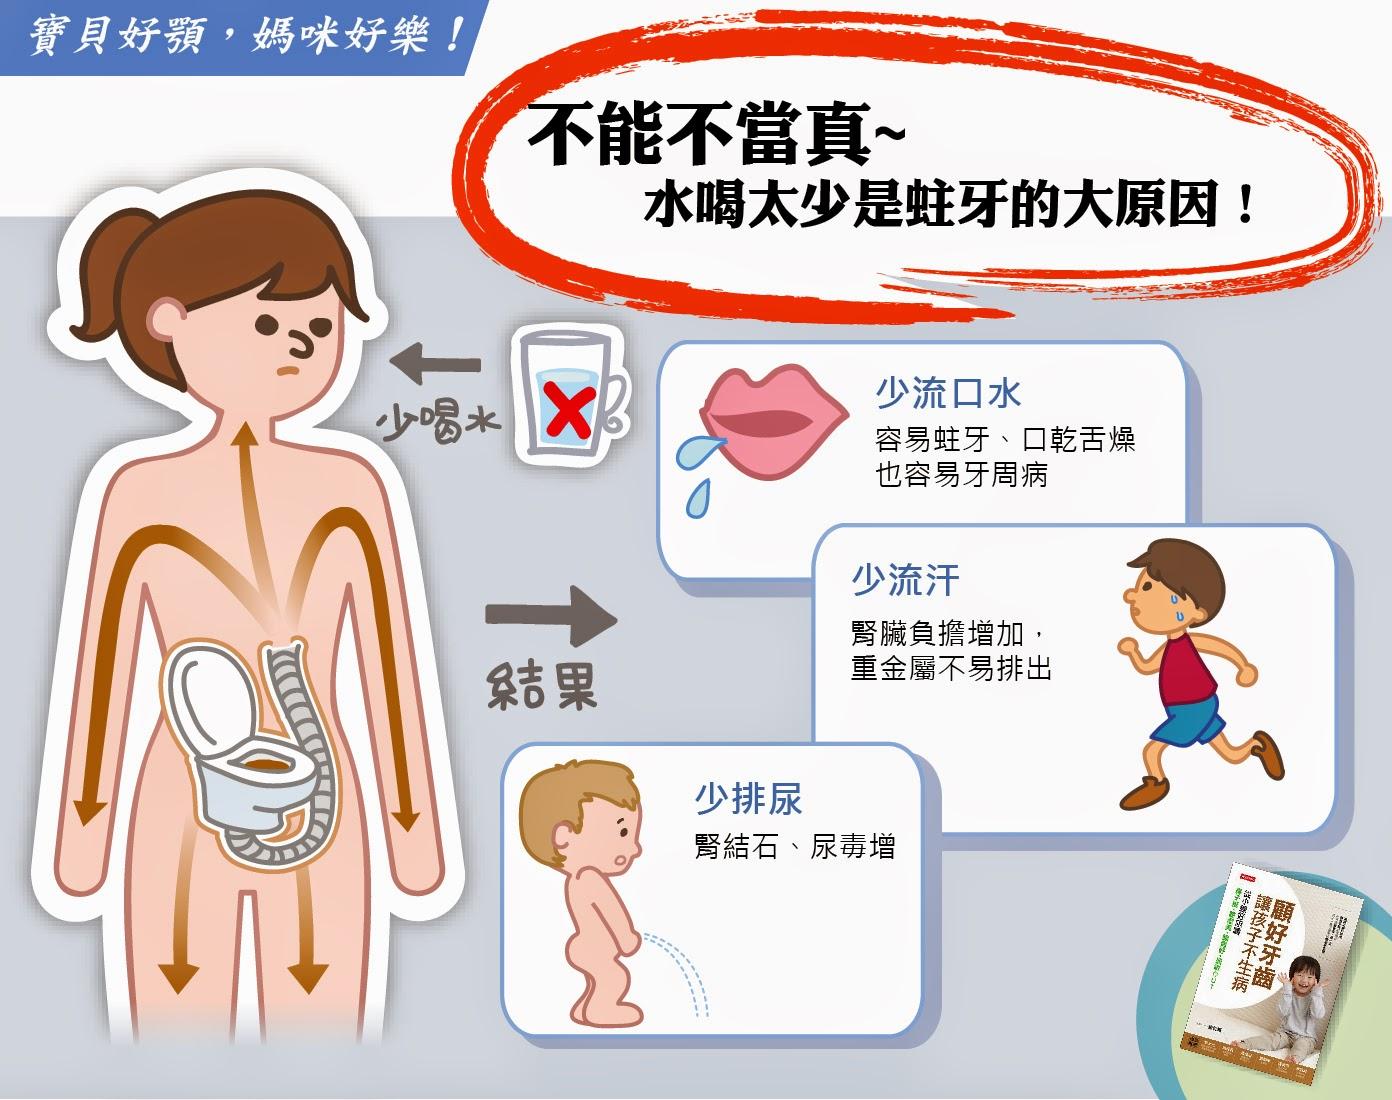 趙哲暘的部落格: 水喝太少是蛀牙的大原因